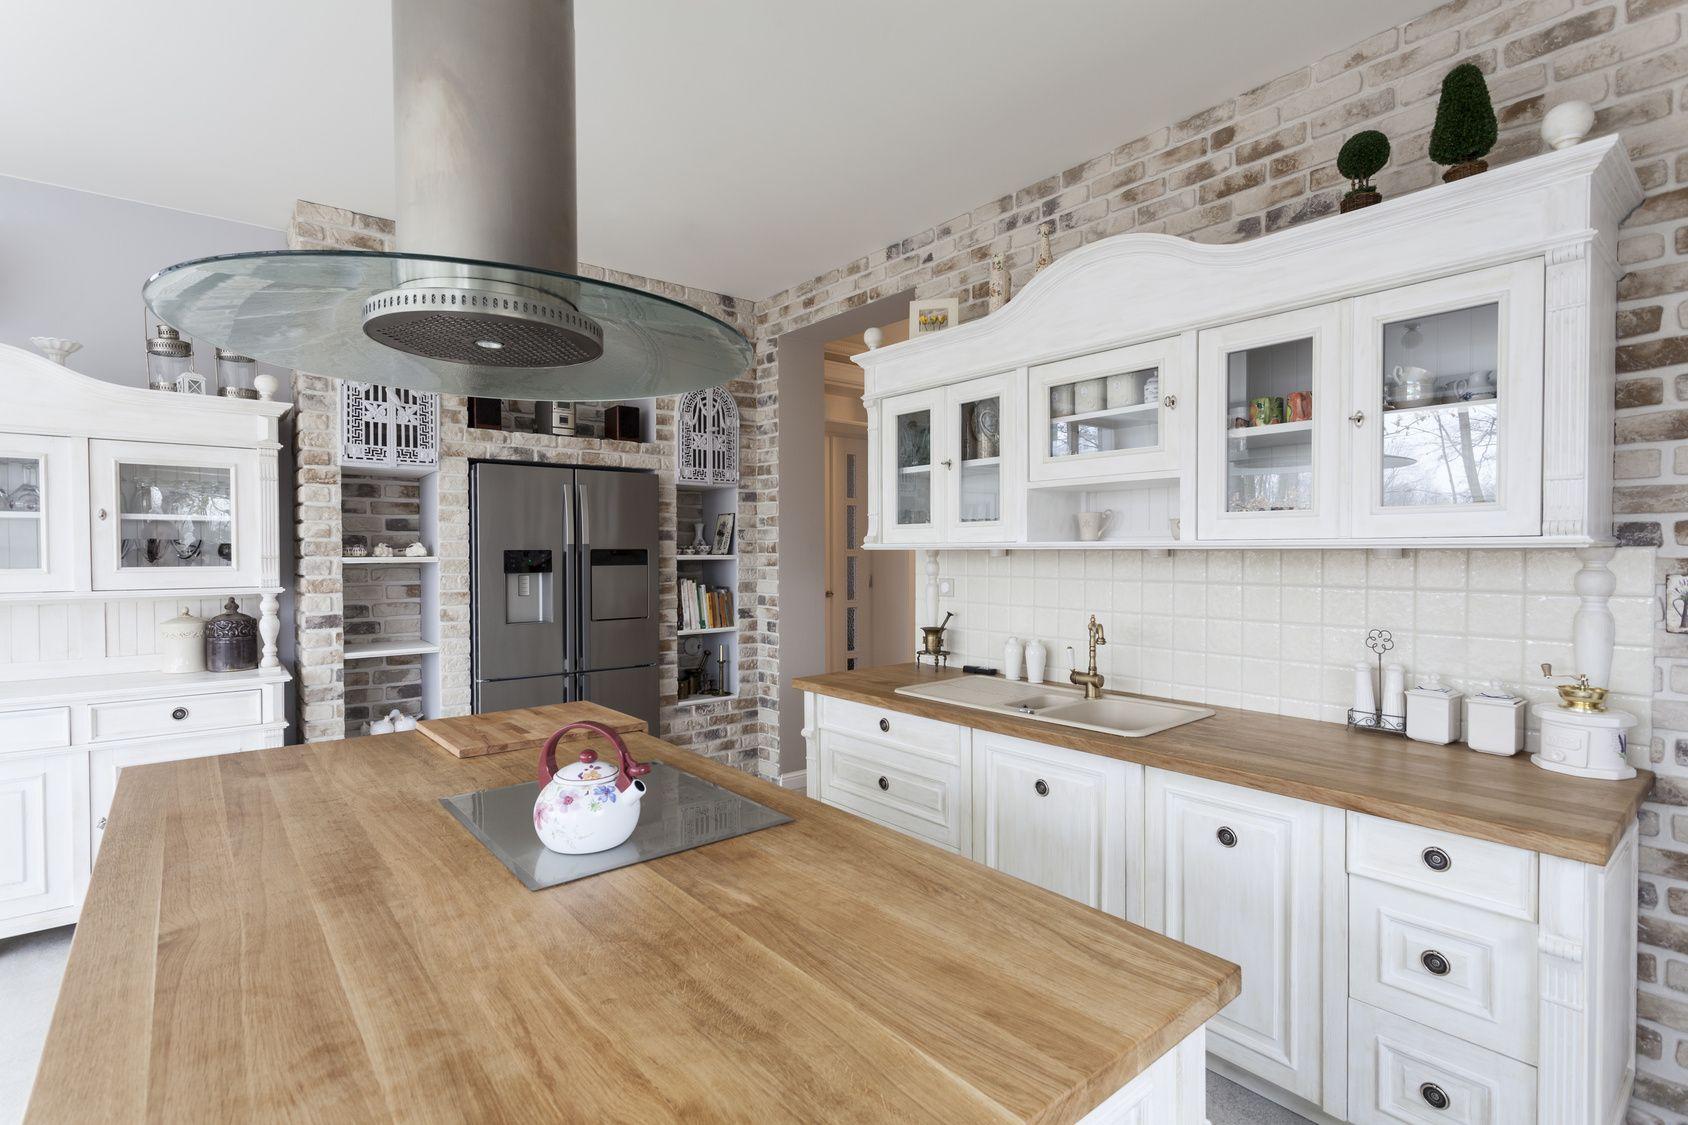 Moderne Landhausstilküche mit großzügiger Kücheninsel | Landhaus ... | {Moderne landhausküchen mit kochinsel 89}